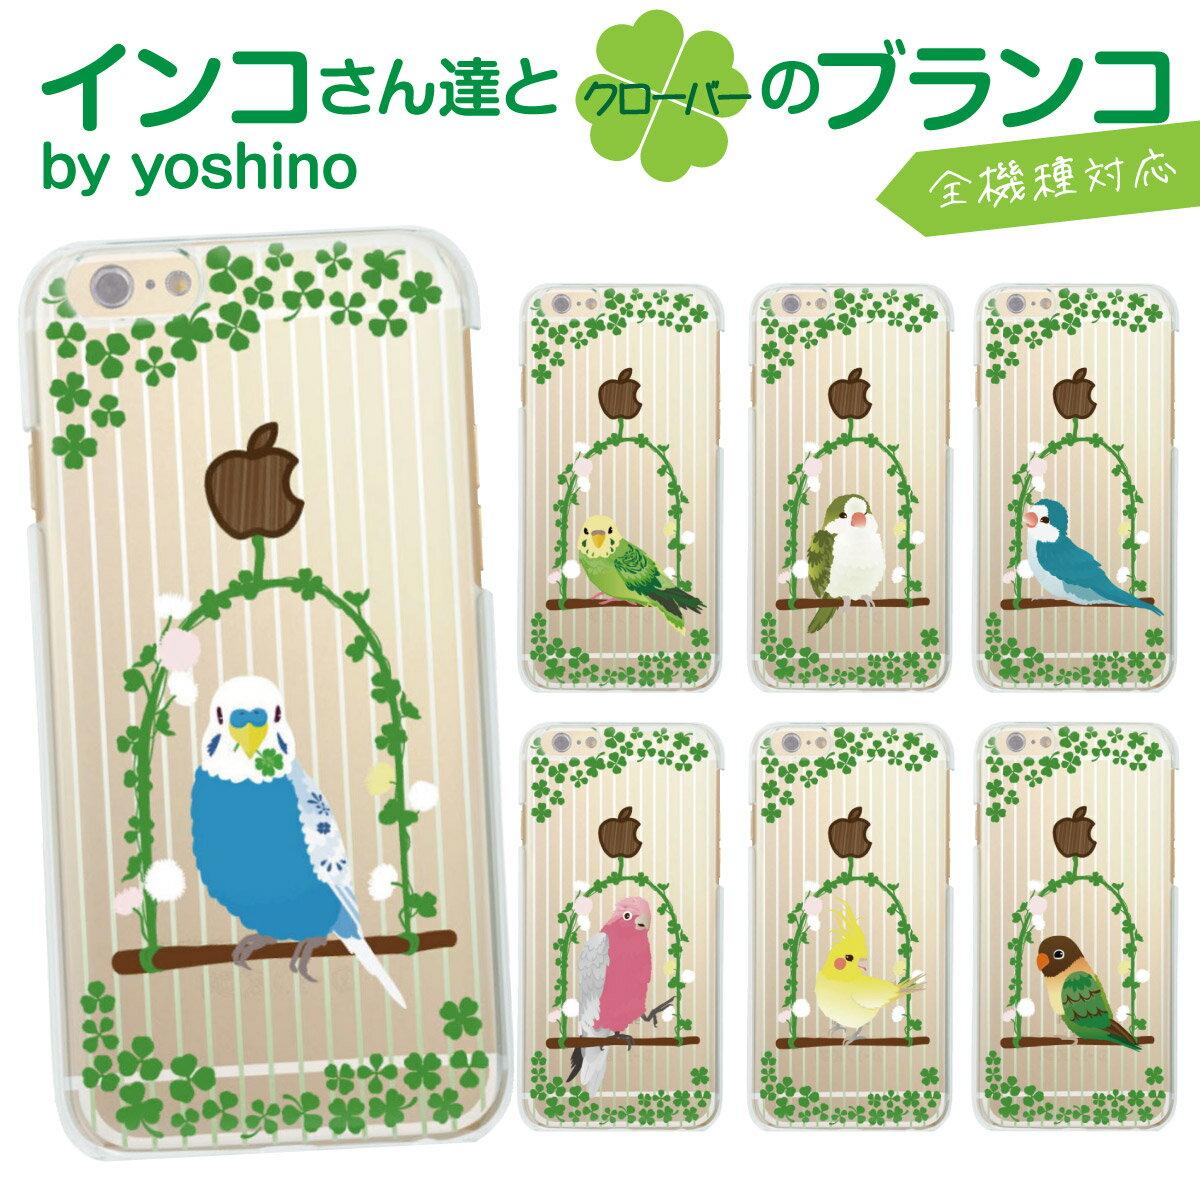 スマホケース 全機種対応 ケース カバー ハードケース クリアケース iPhoneXS Max iPhoneXR iPhoneX iPhone8 iPhone7 iPhone Xperia 1 SO-03L SOV40 Ase XZ3 SO-01L XZ2 XZ1 XZ aquos R3 sh-04l shv44 R2 sh-04k sense2 galaxy S10 S9 S8 インコ yoshino 38-zen-08